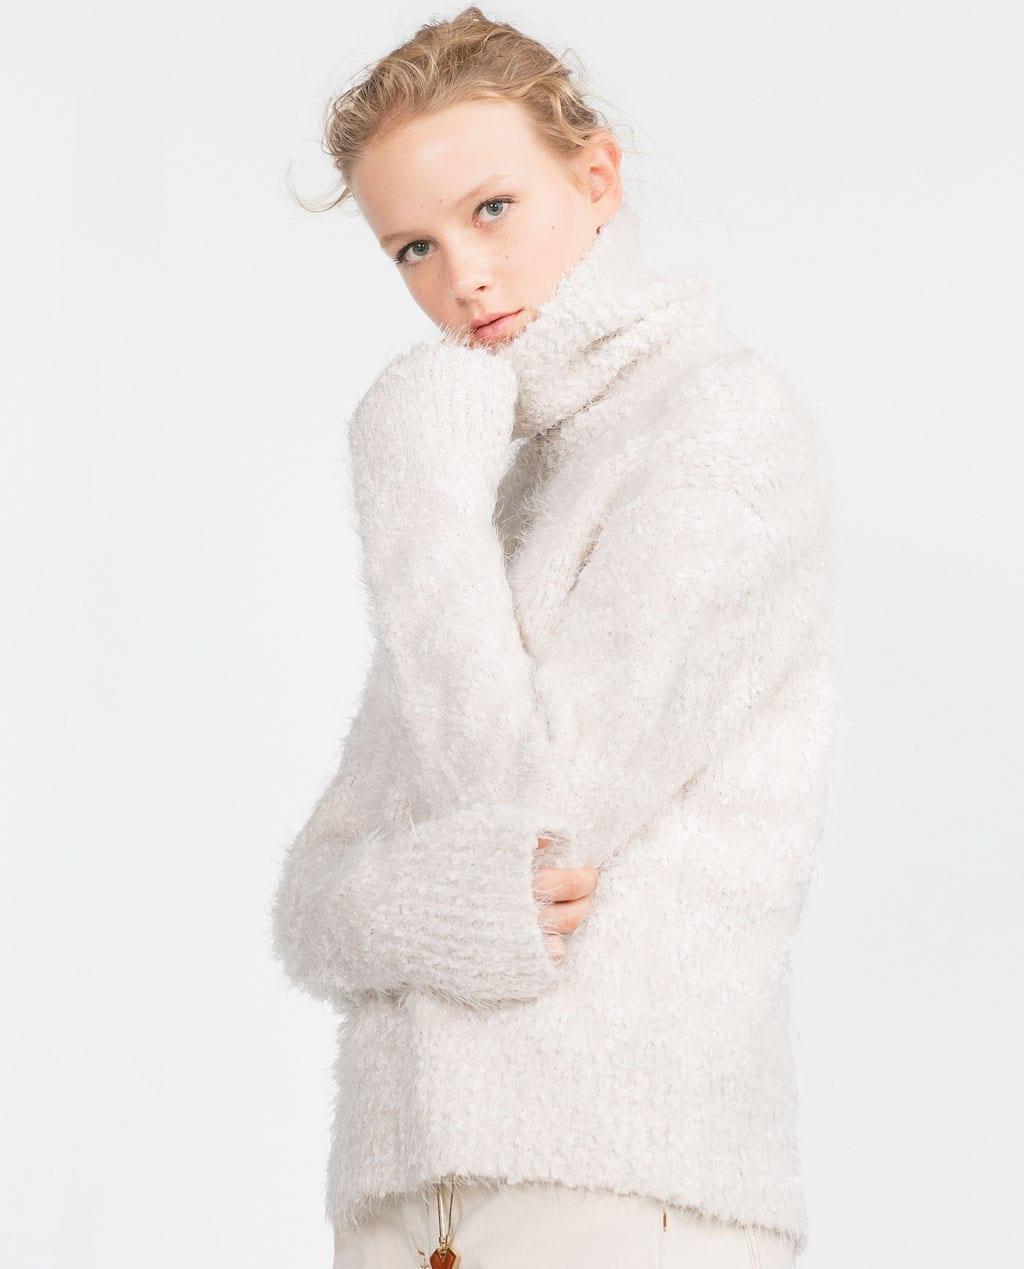 maglioni inverno, theladycracy.it, elisa bellino, fashion blog italia, più bei maglioni inverno